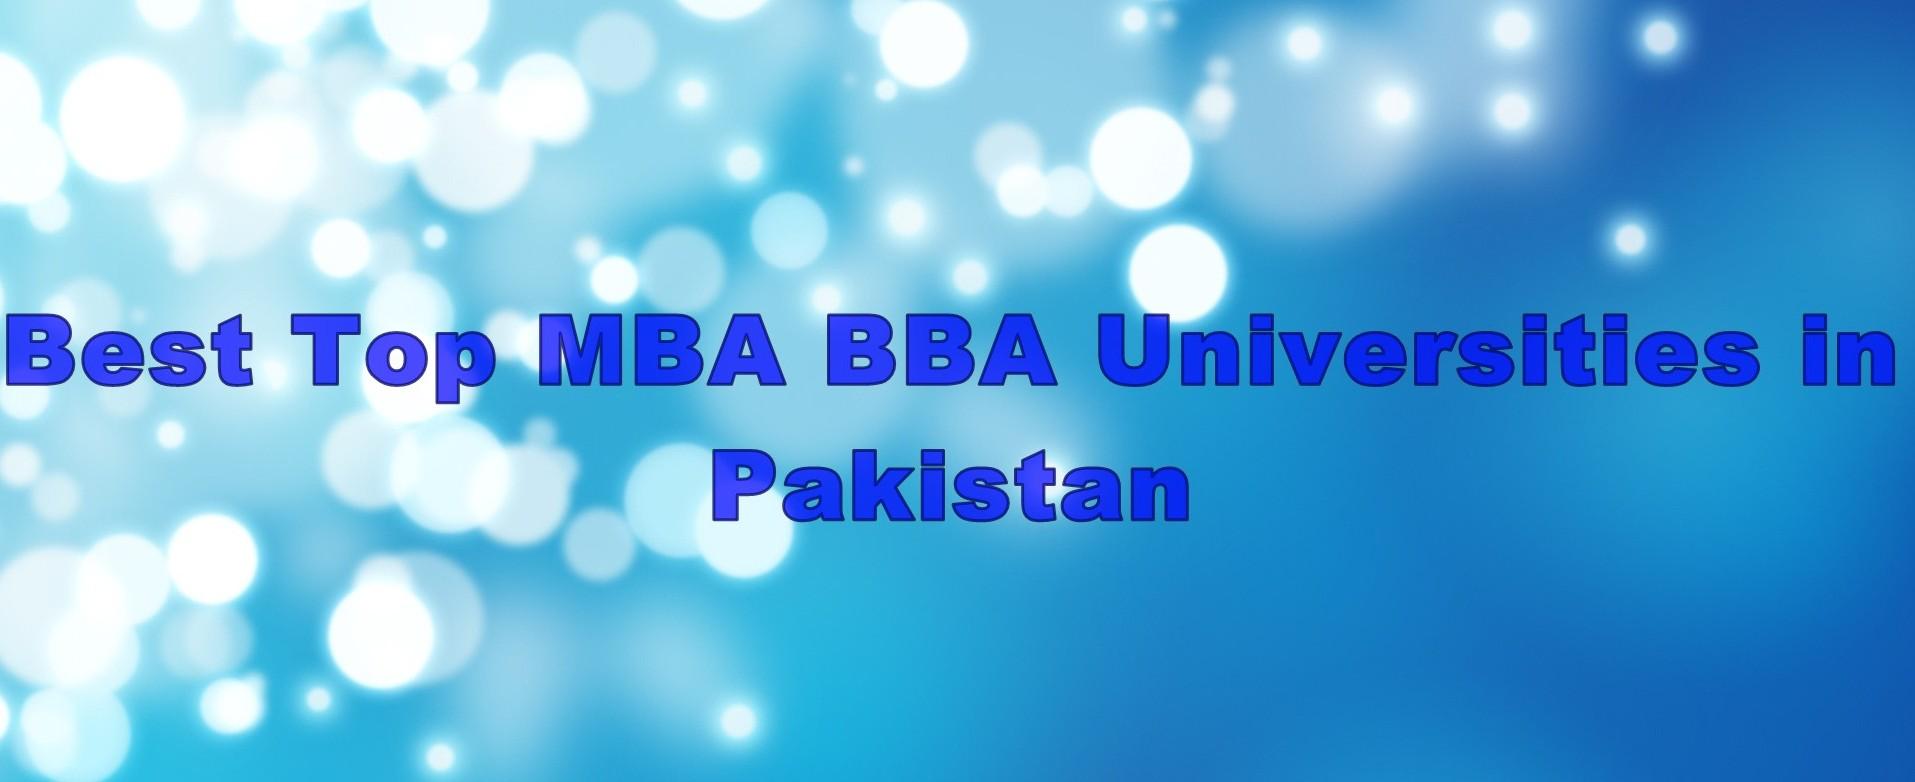 Best Top MBA BBA Universities in Pakistan